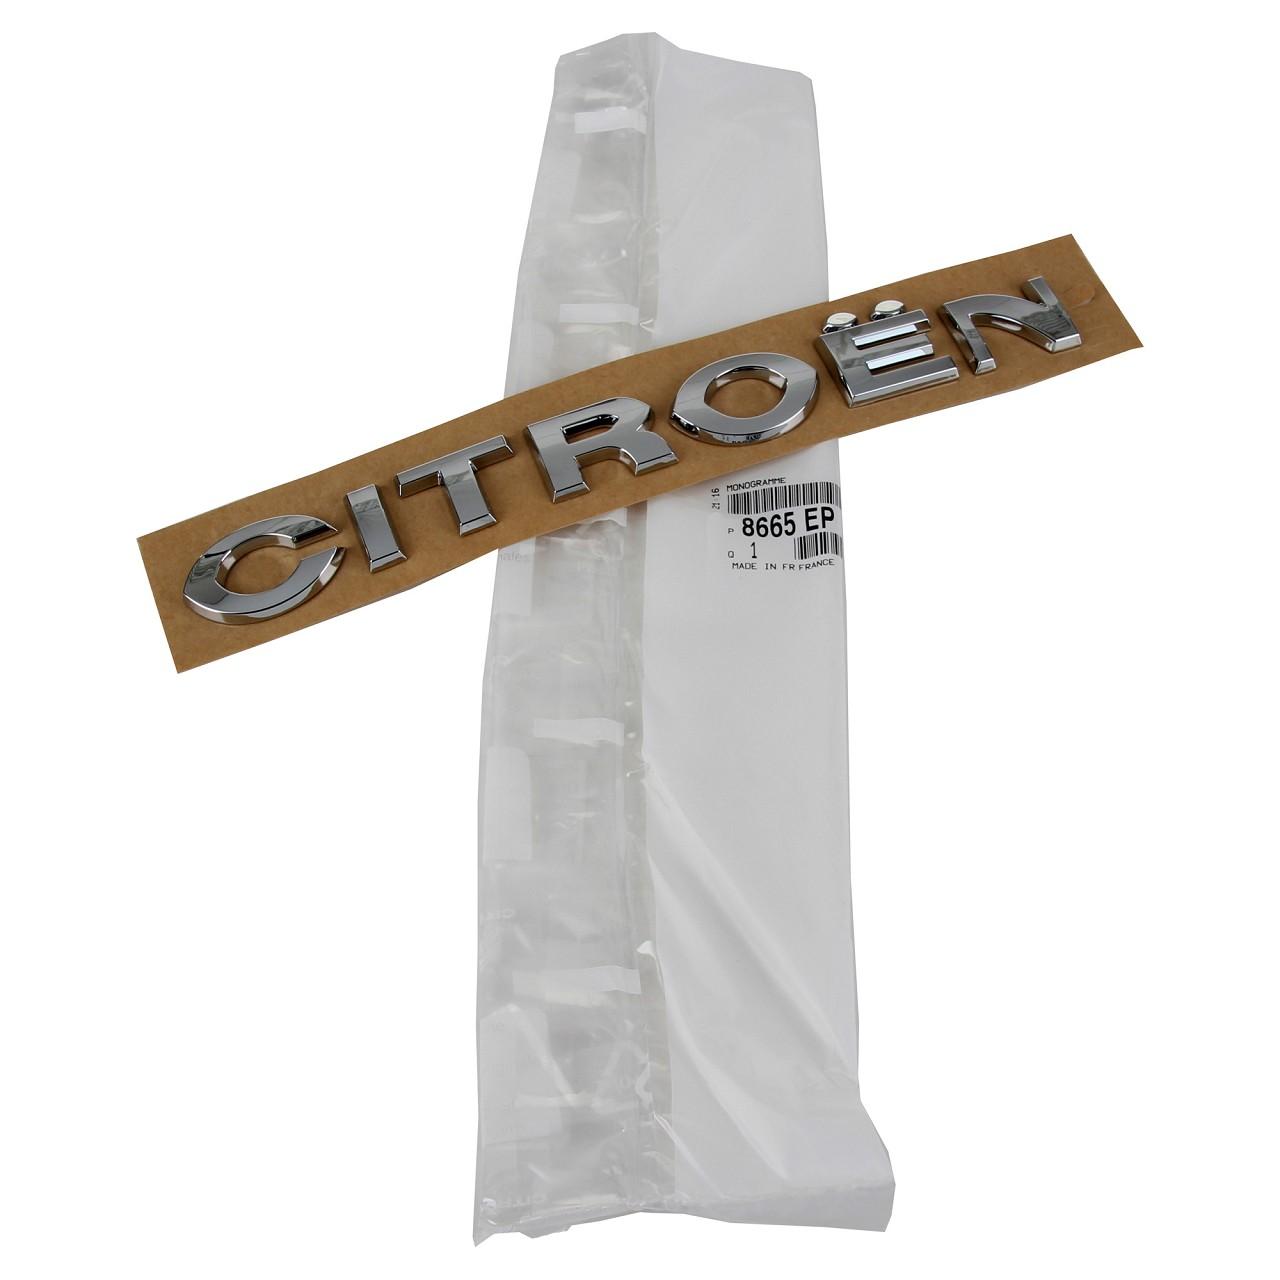 ORIGINAL Citroen Emblem Logo Schriftzug Heckklappe LINKS 8665.EP für C4 I